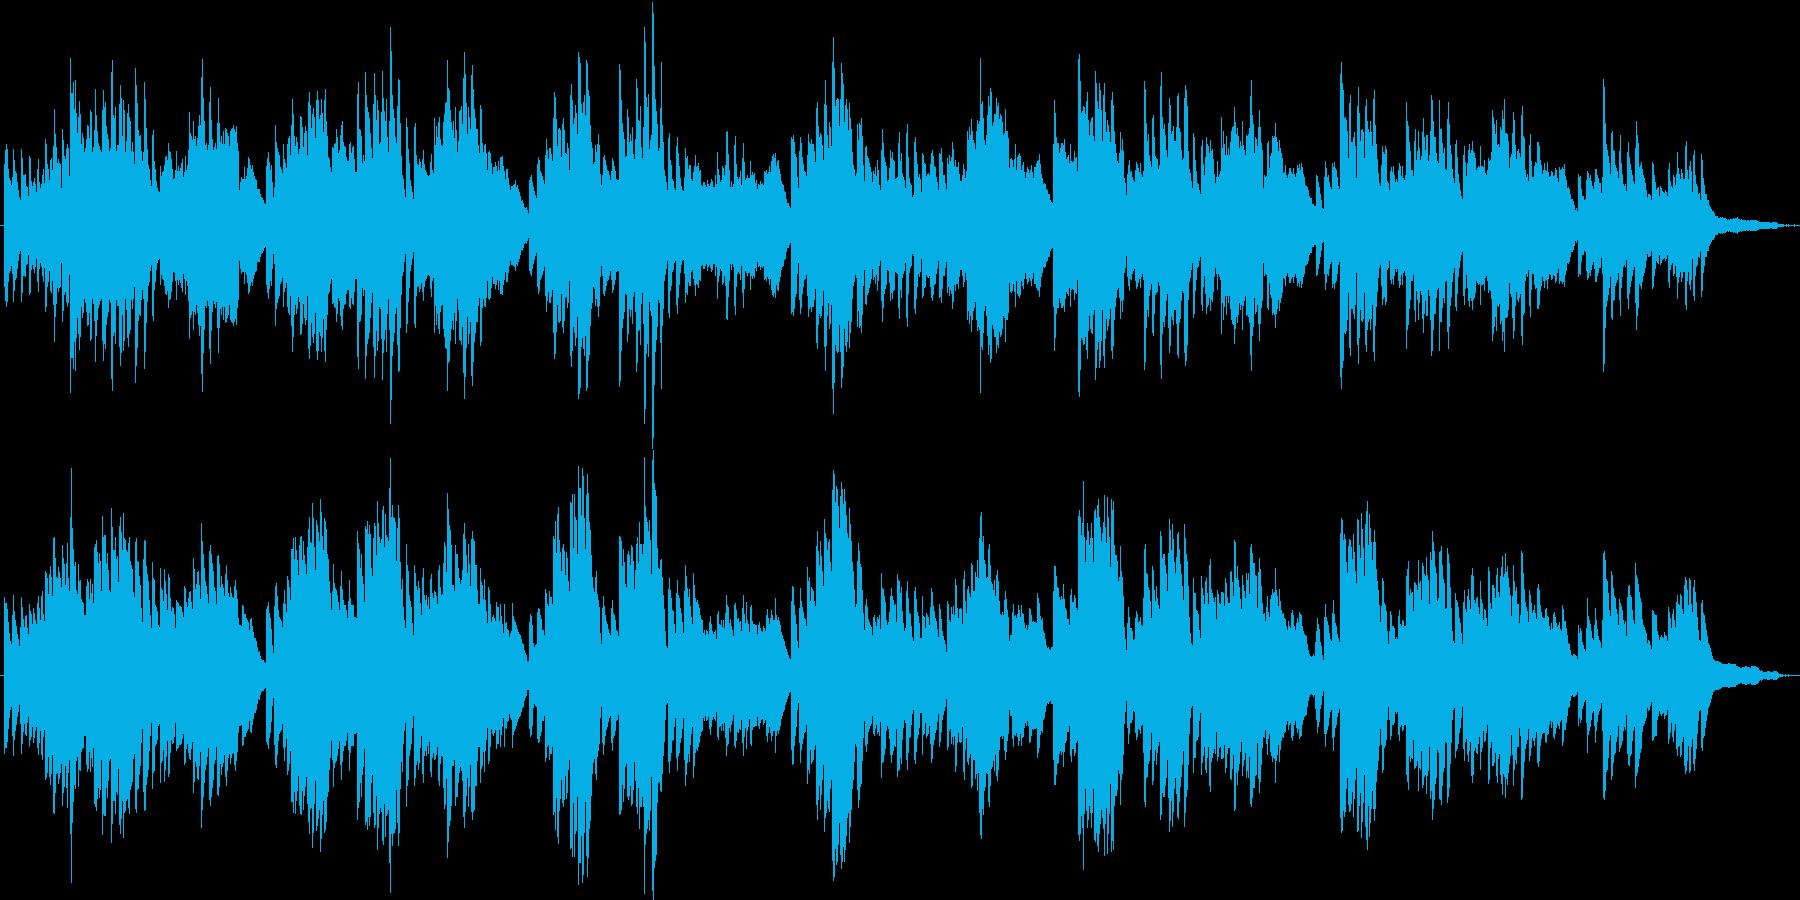 ハートフルな焦りと不安と後悔のピアノソロの再生済みの波形